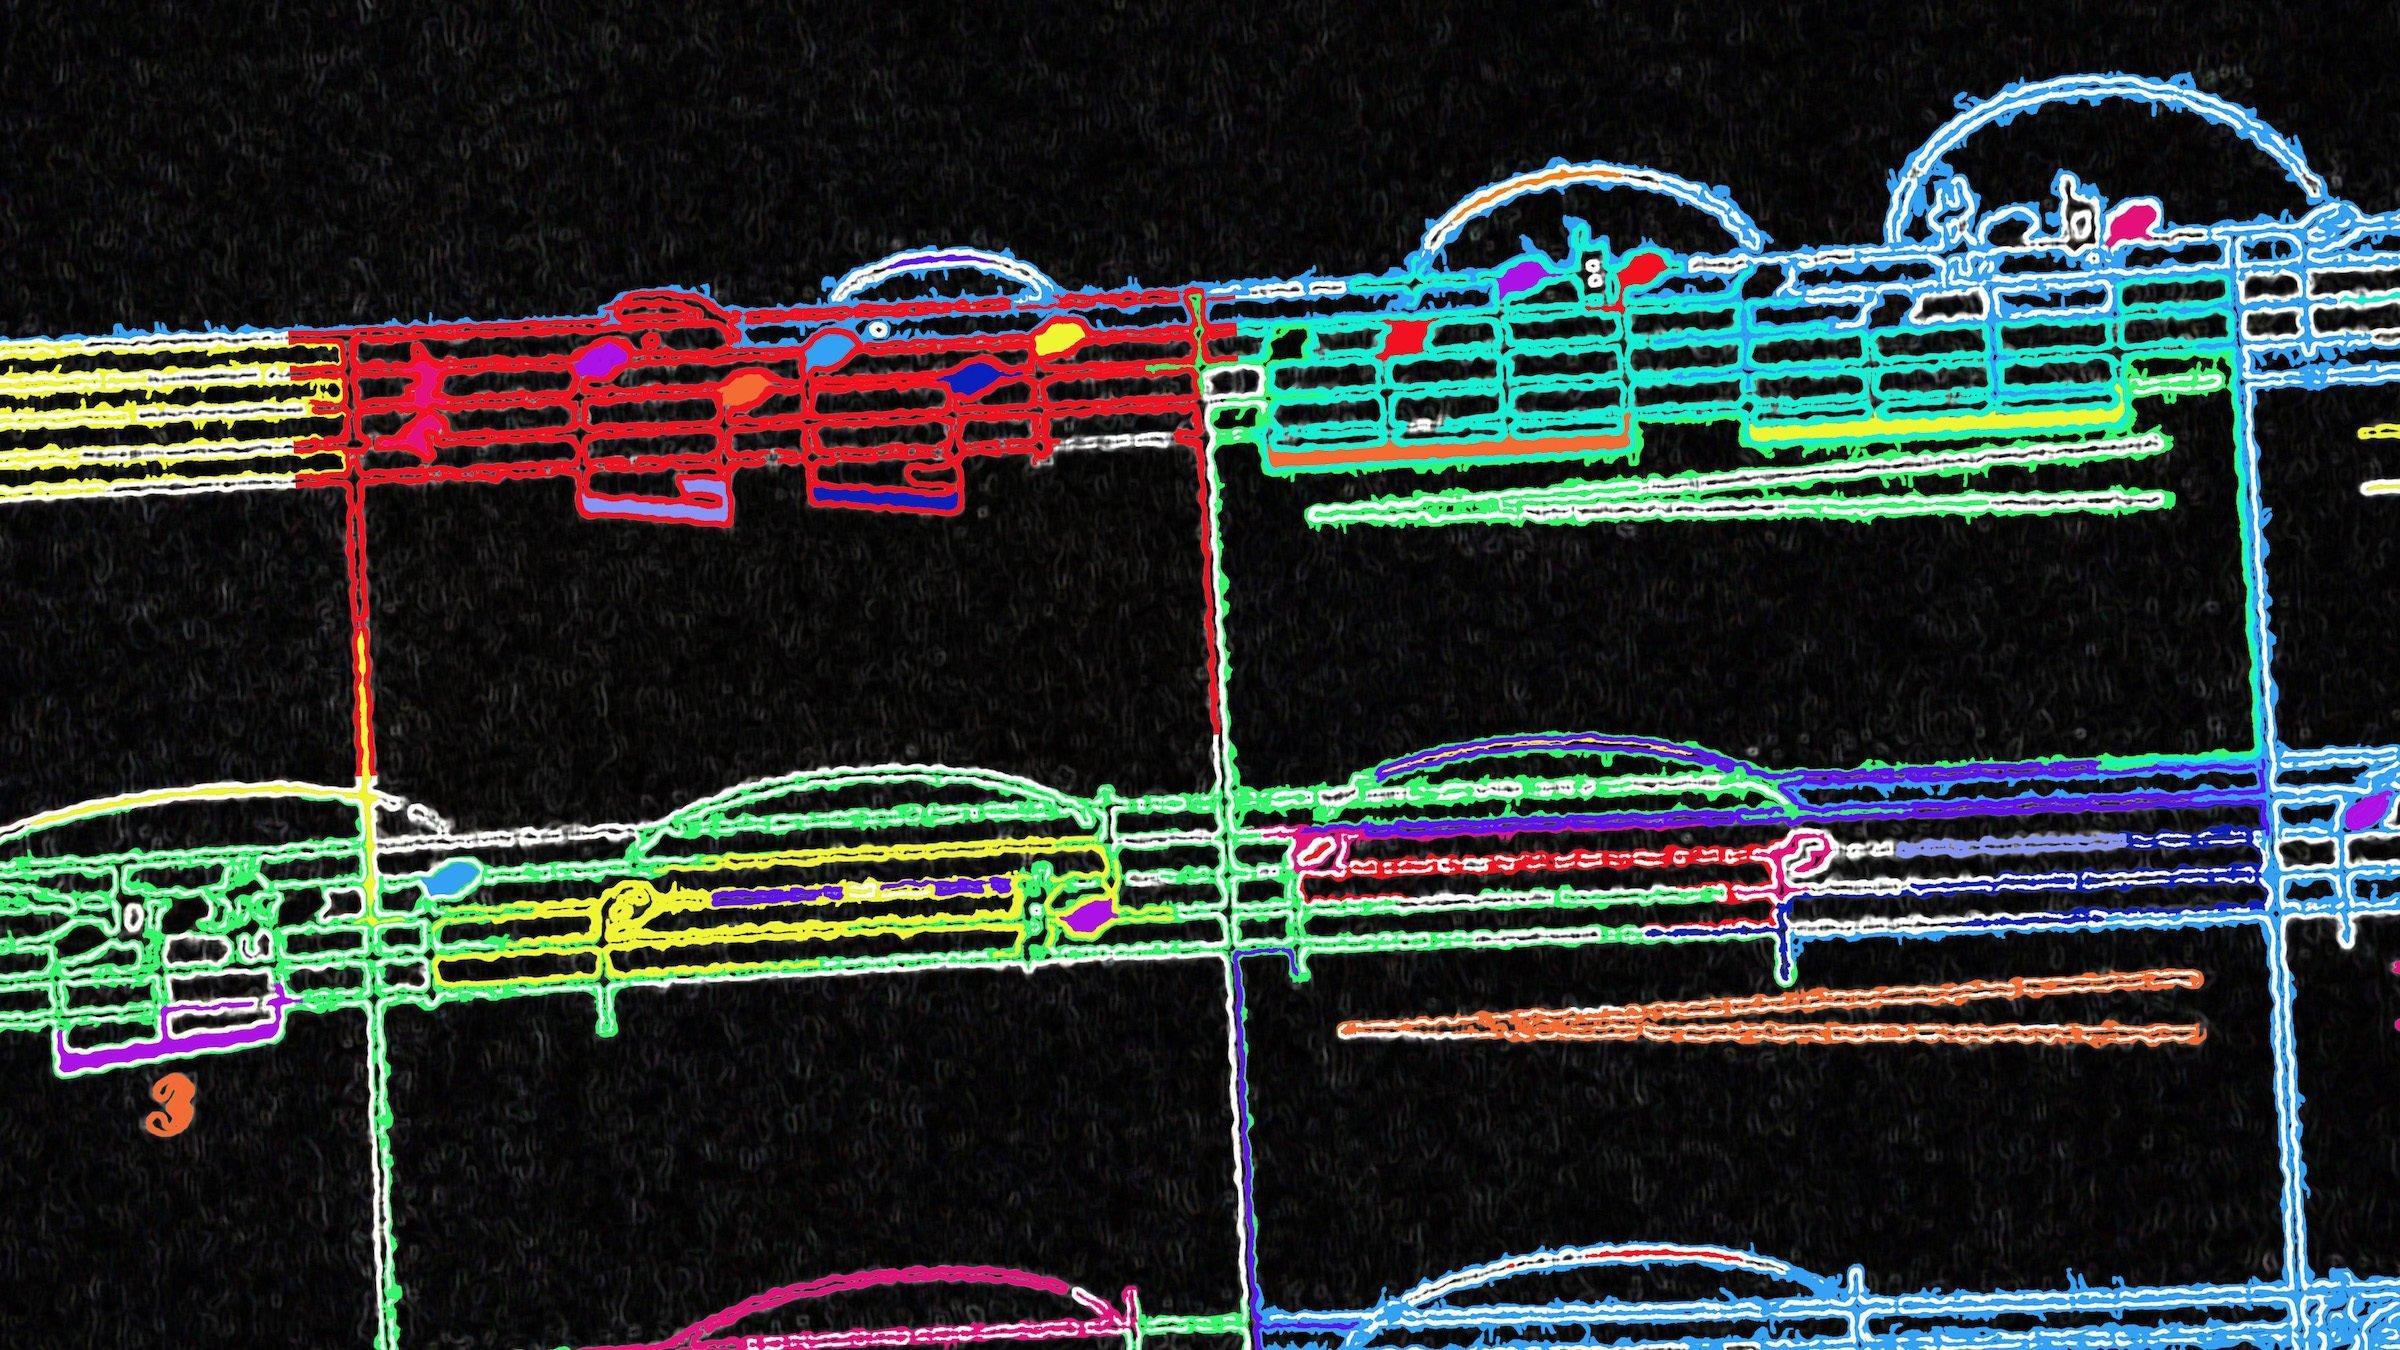 Stark verfremdete Aufnahme einiger Notenzeilen. Auf schwarzem Hintergrund sind die Noten und Linien in regenbogen-Farben eingefärbt. Text dazu: Gibt es eigentlich Musik, die die Klimakrise thematisiert. Songs, die Gemeinschaft auf der Demo schaffen und Identität beim Klimaschutz? Teil 2: englisch-sprachige Songs